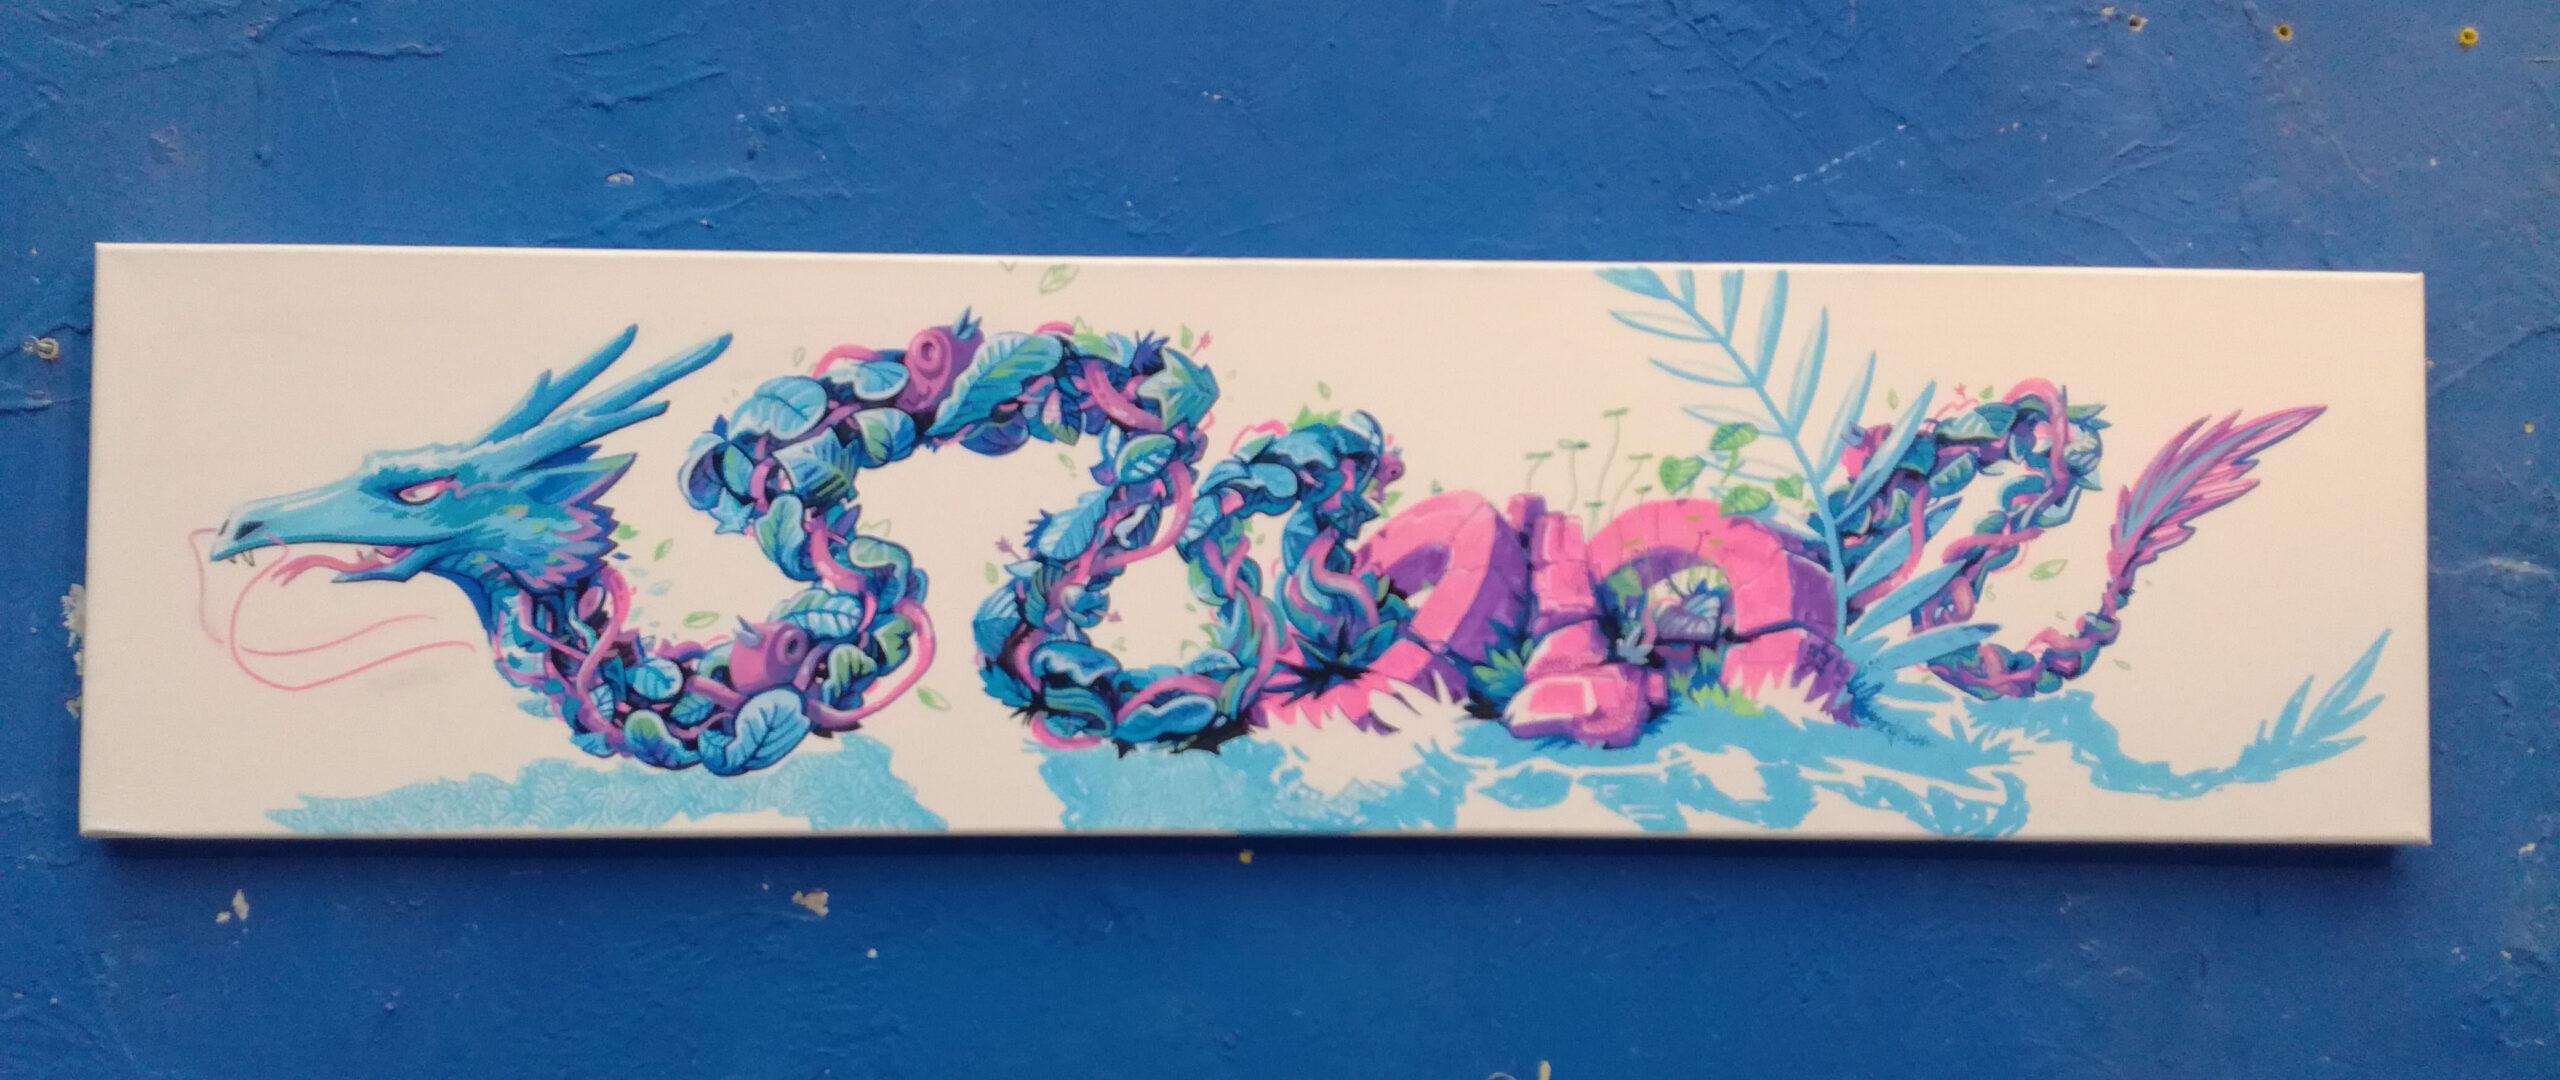 dragon - végétal - métaflaune toile illustration - street art abys2fly